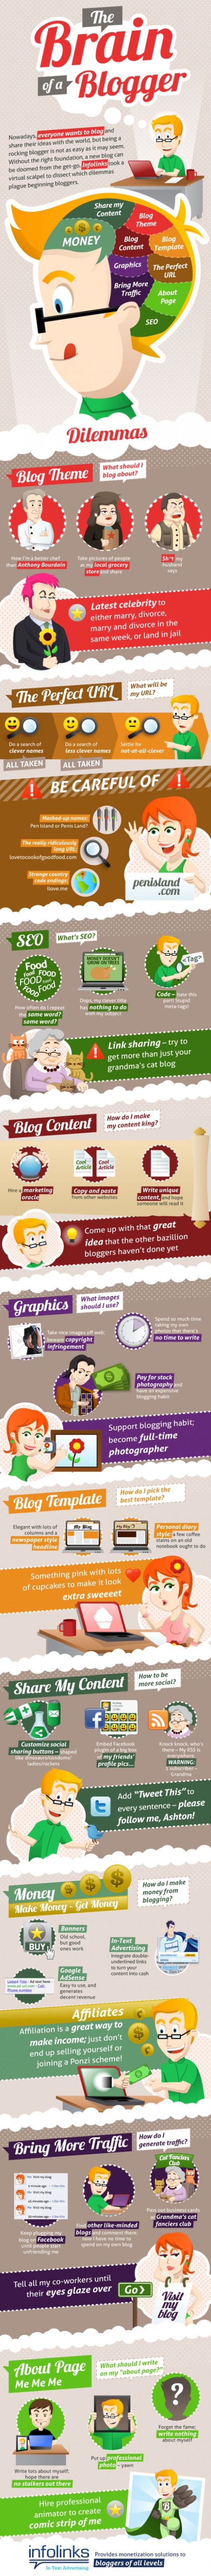 le cerveau du blogueur